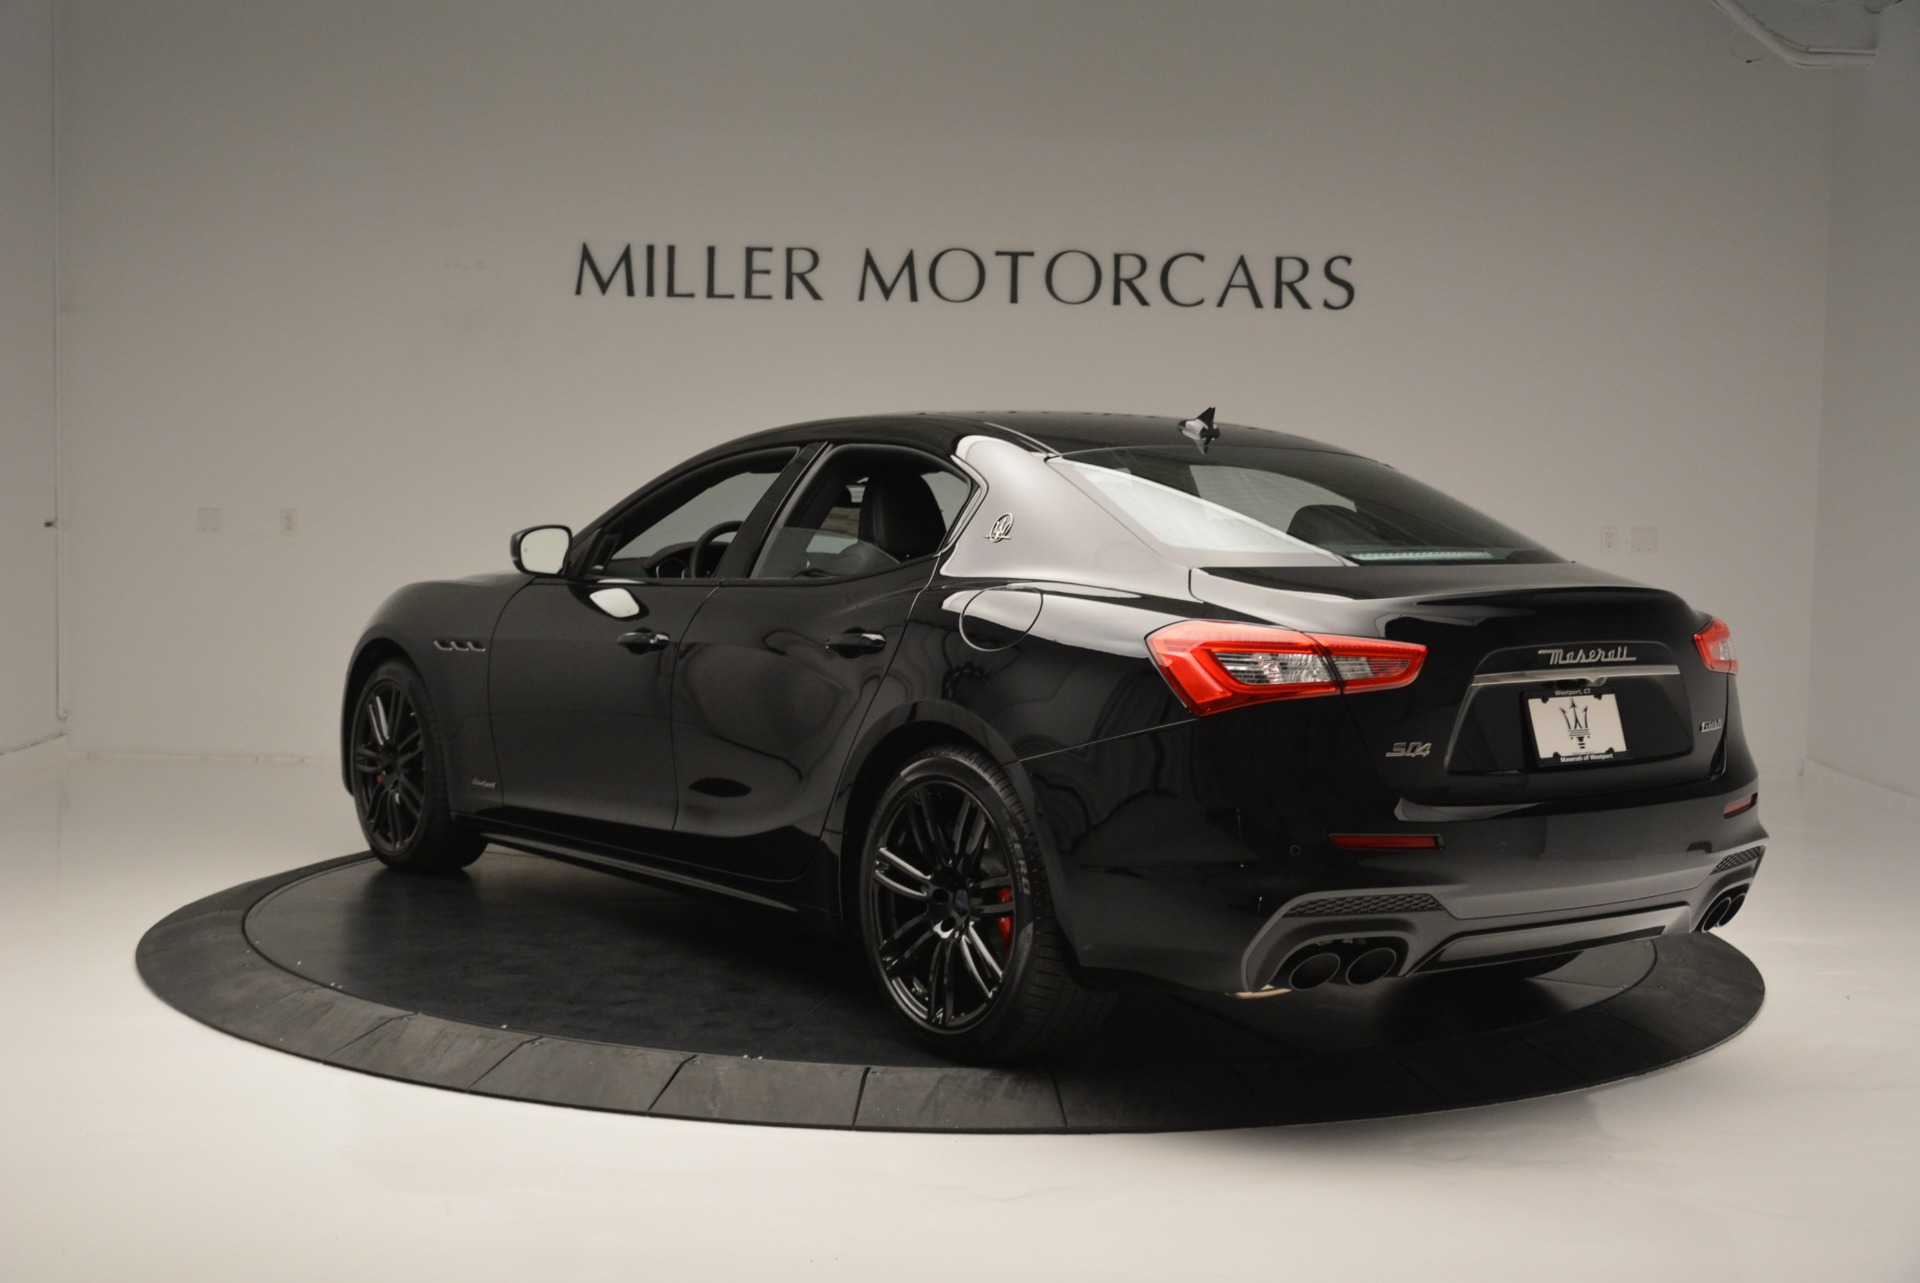 New 2018 Maserati Ghibli SQ4 GranSport Nerissimo For Sale In Greenwich, CT 2368_p5